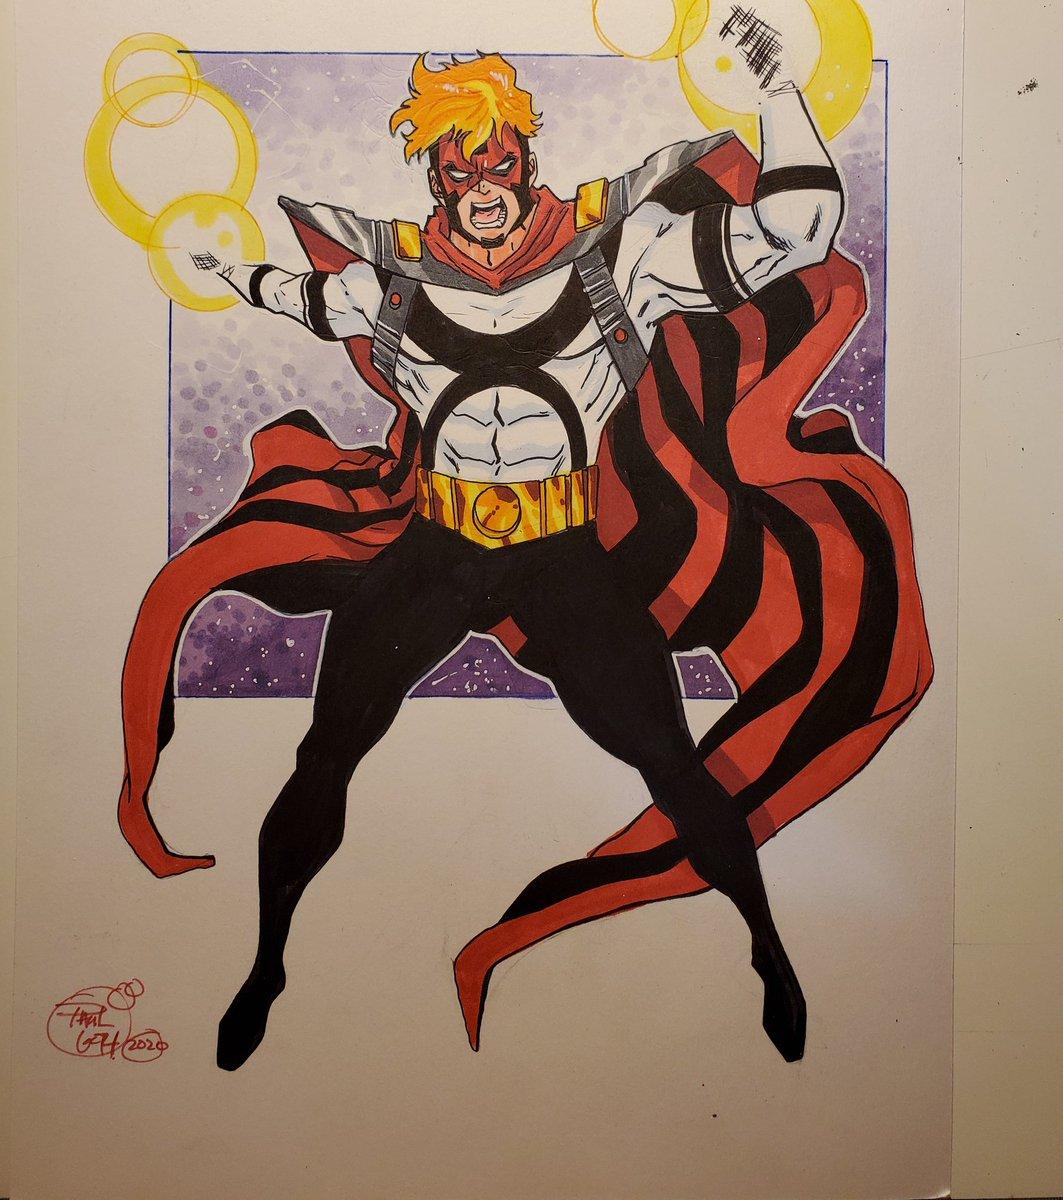 9x12 Doctor Zero commission done! #epiccomics #doctorzero